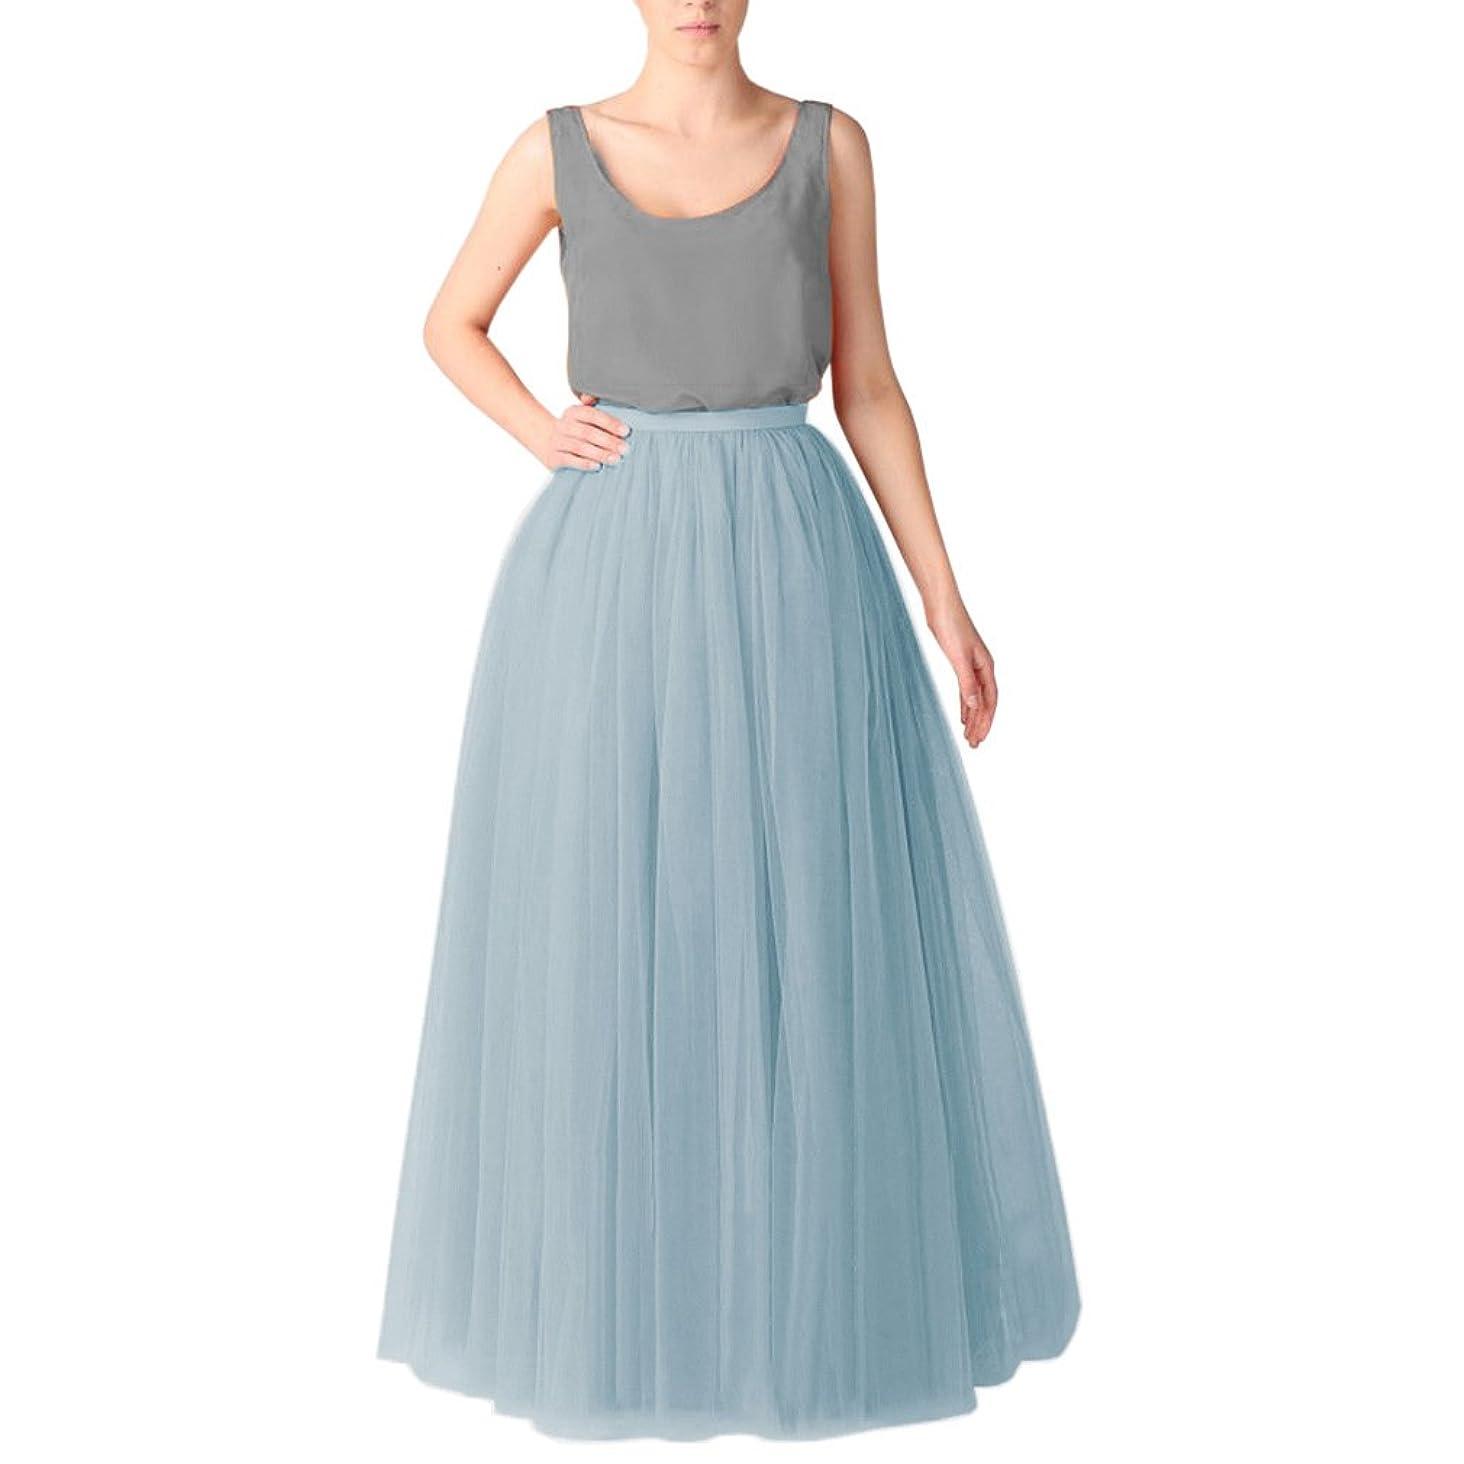 WDPL Women's Long Tutu Tulle Skirt A Line Floor Length Skirts